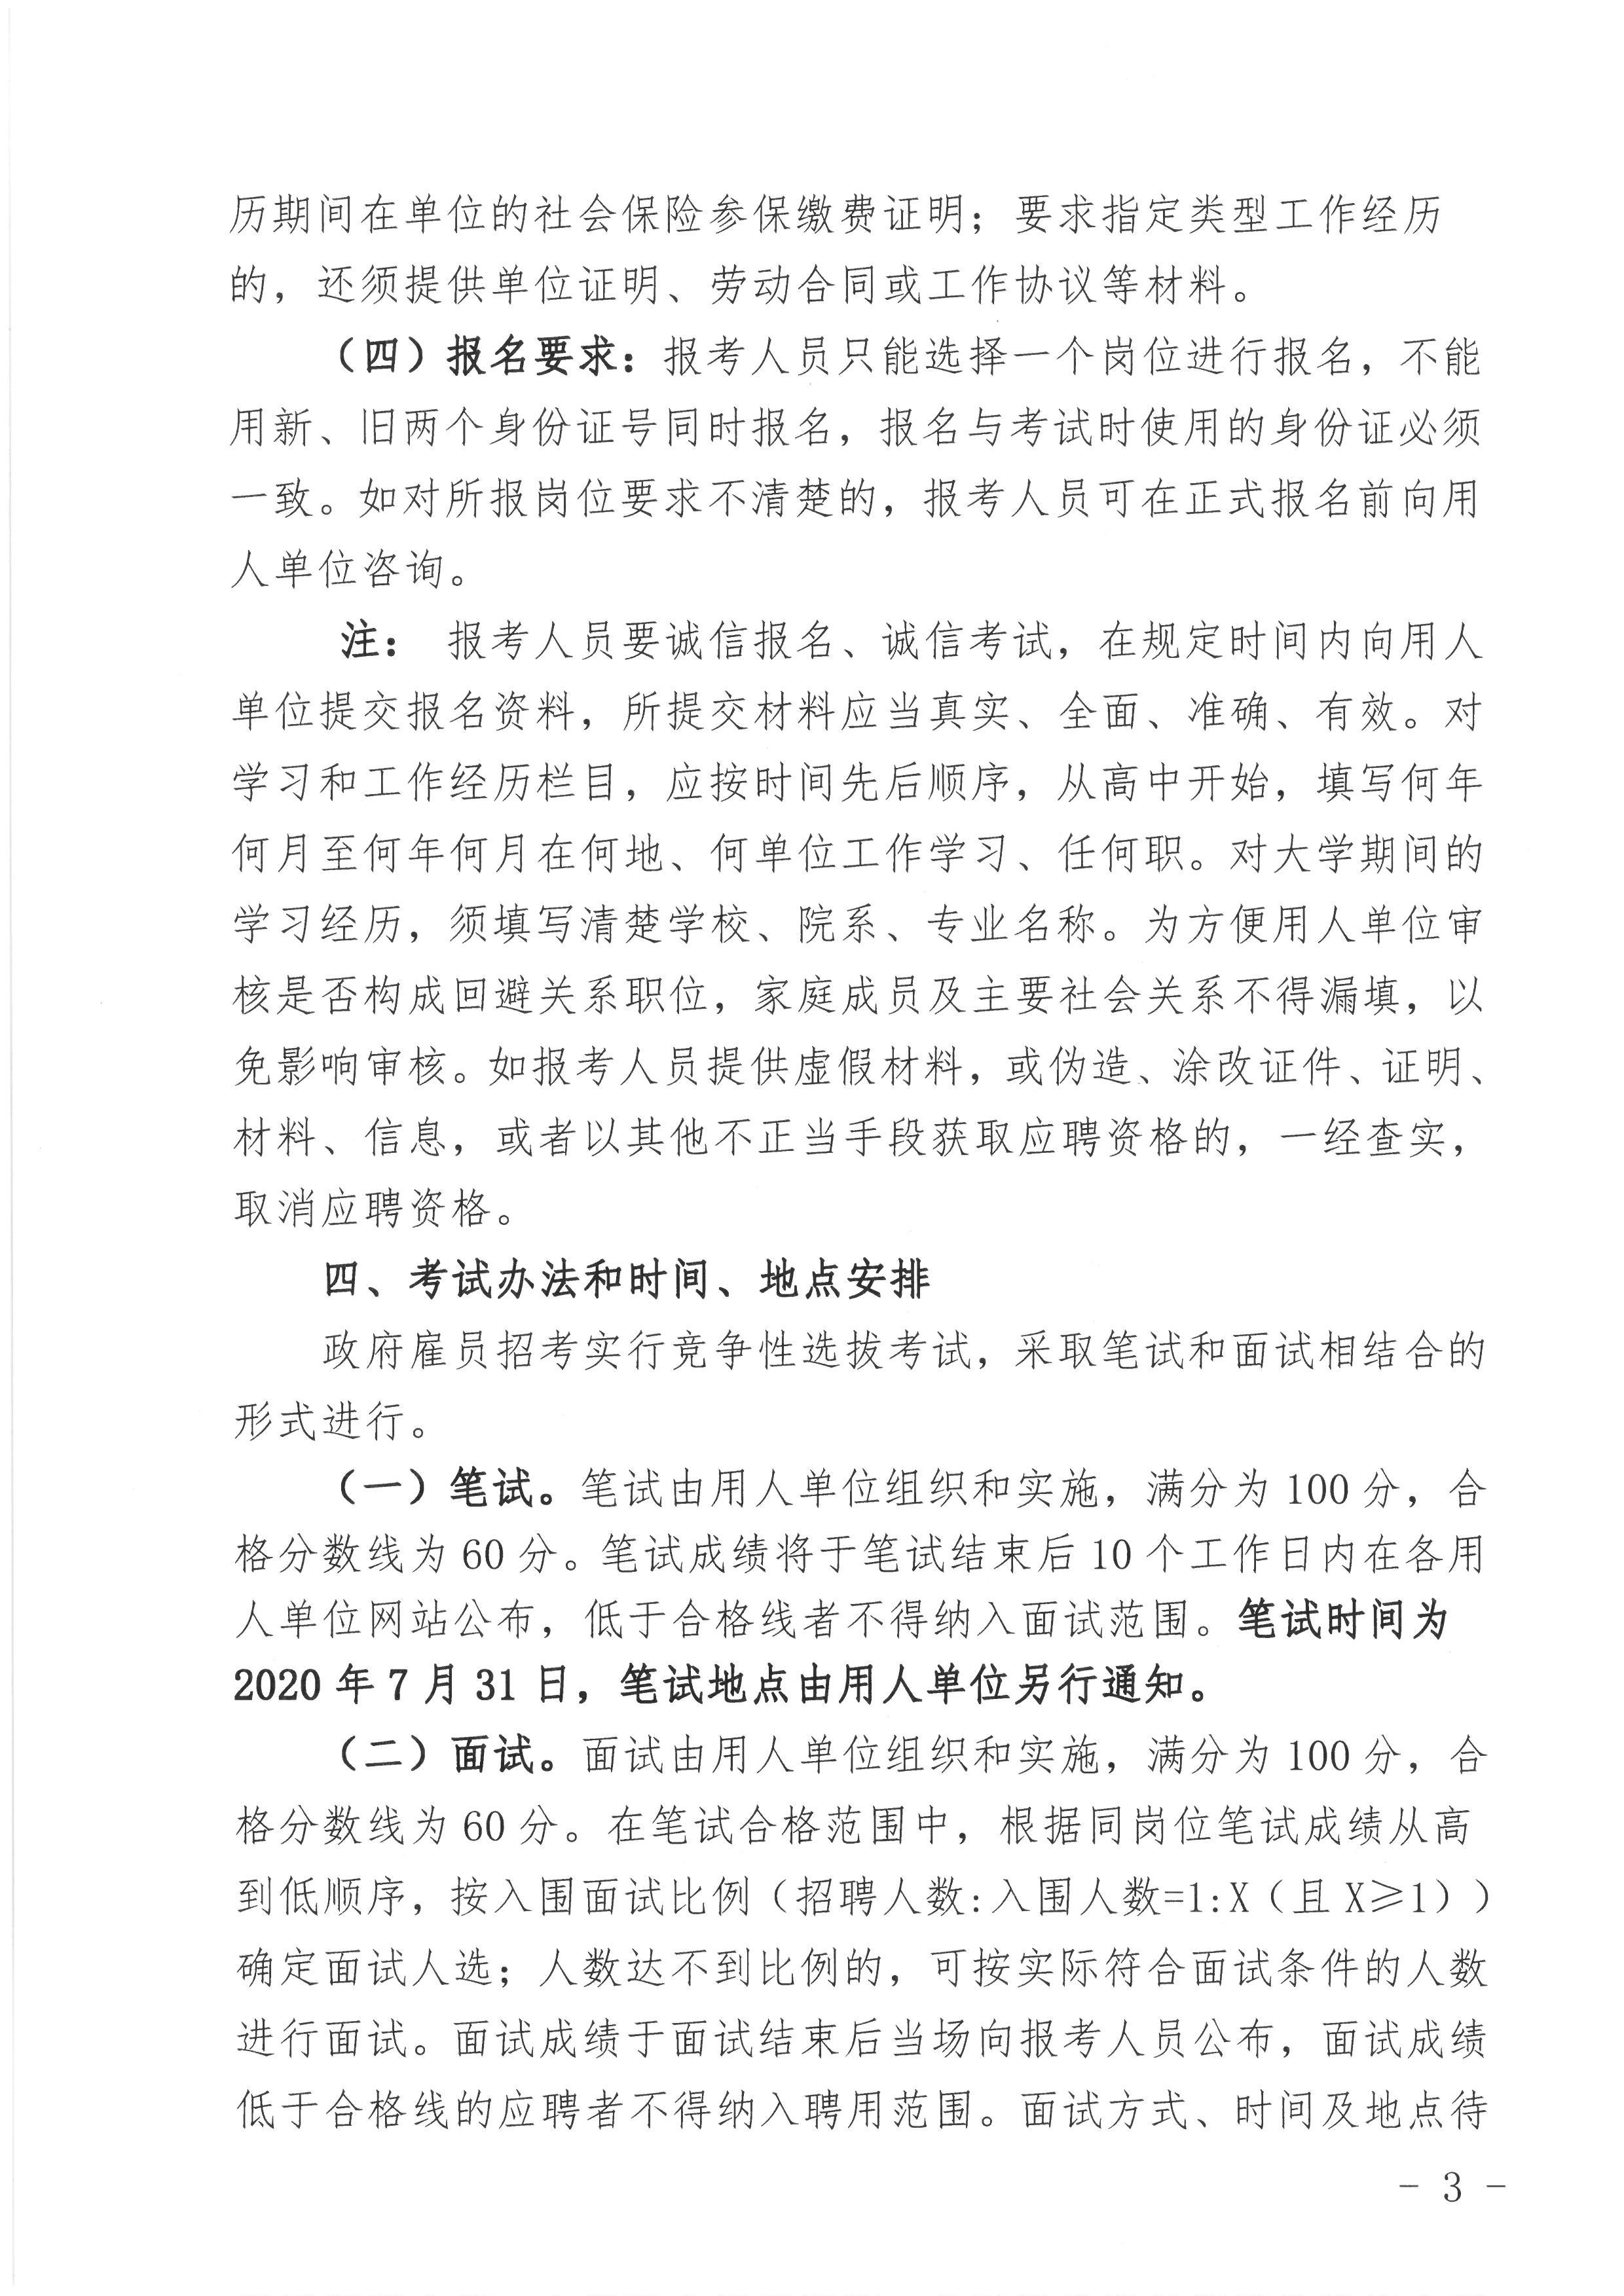 2020年7月江门开平市市直机关单位招考政府雇员公告图3